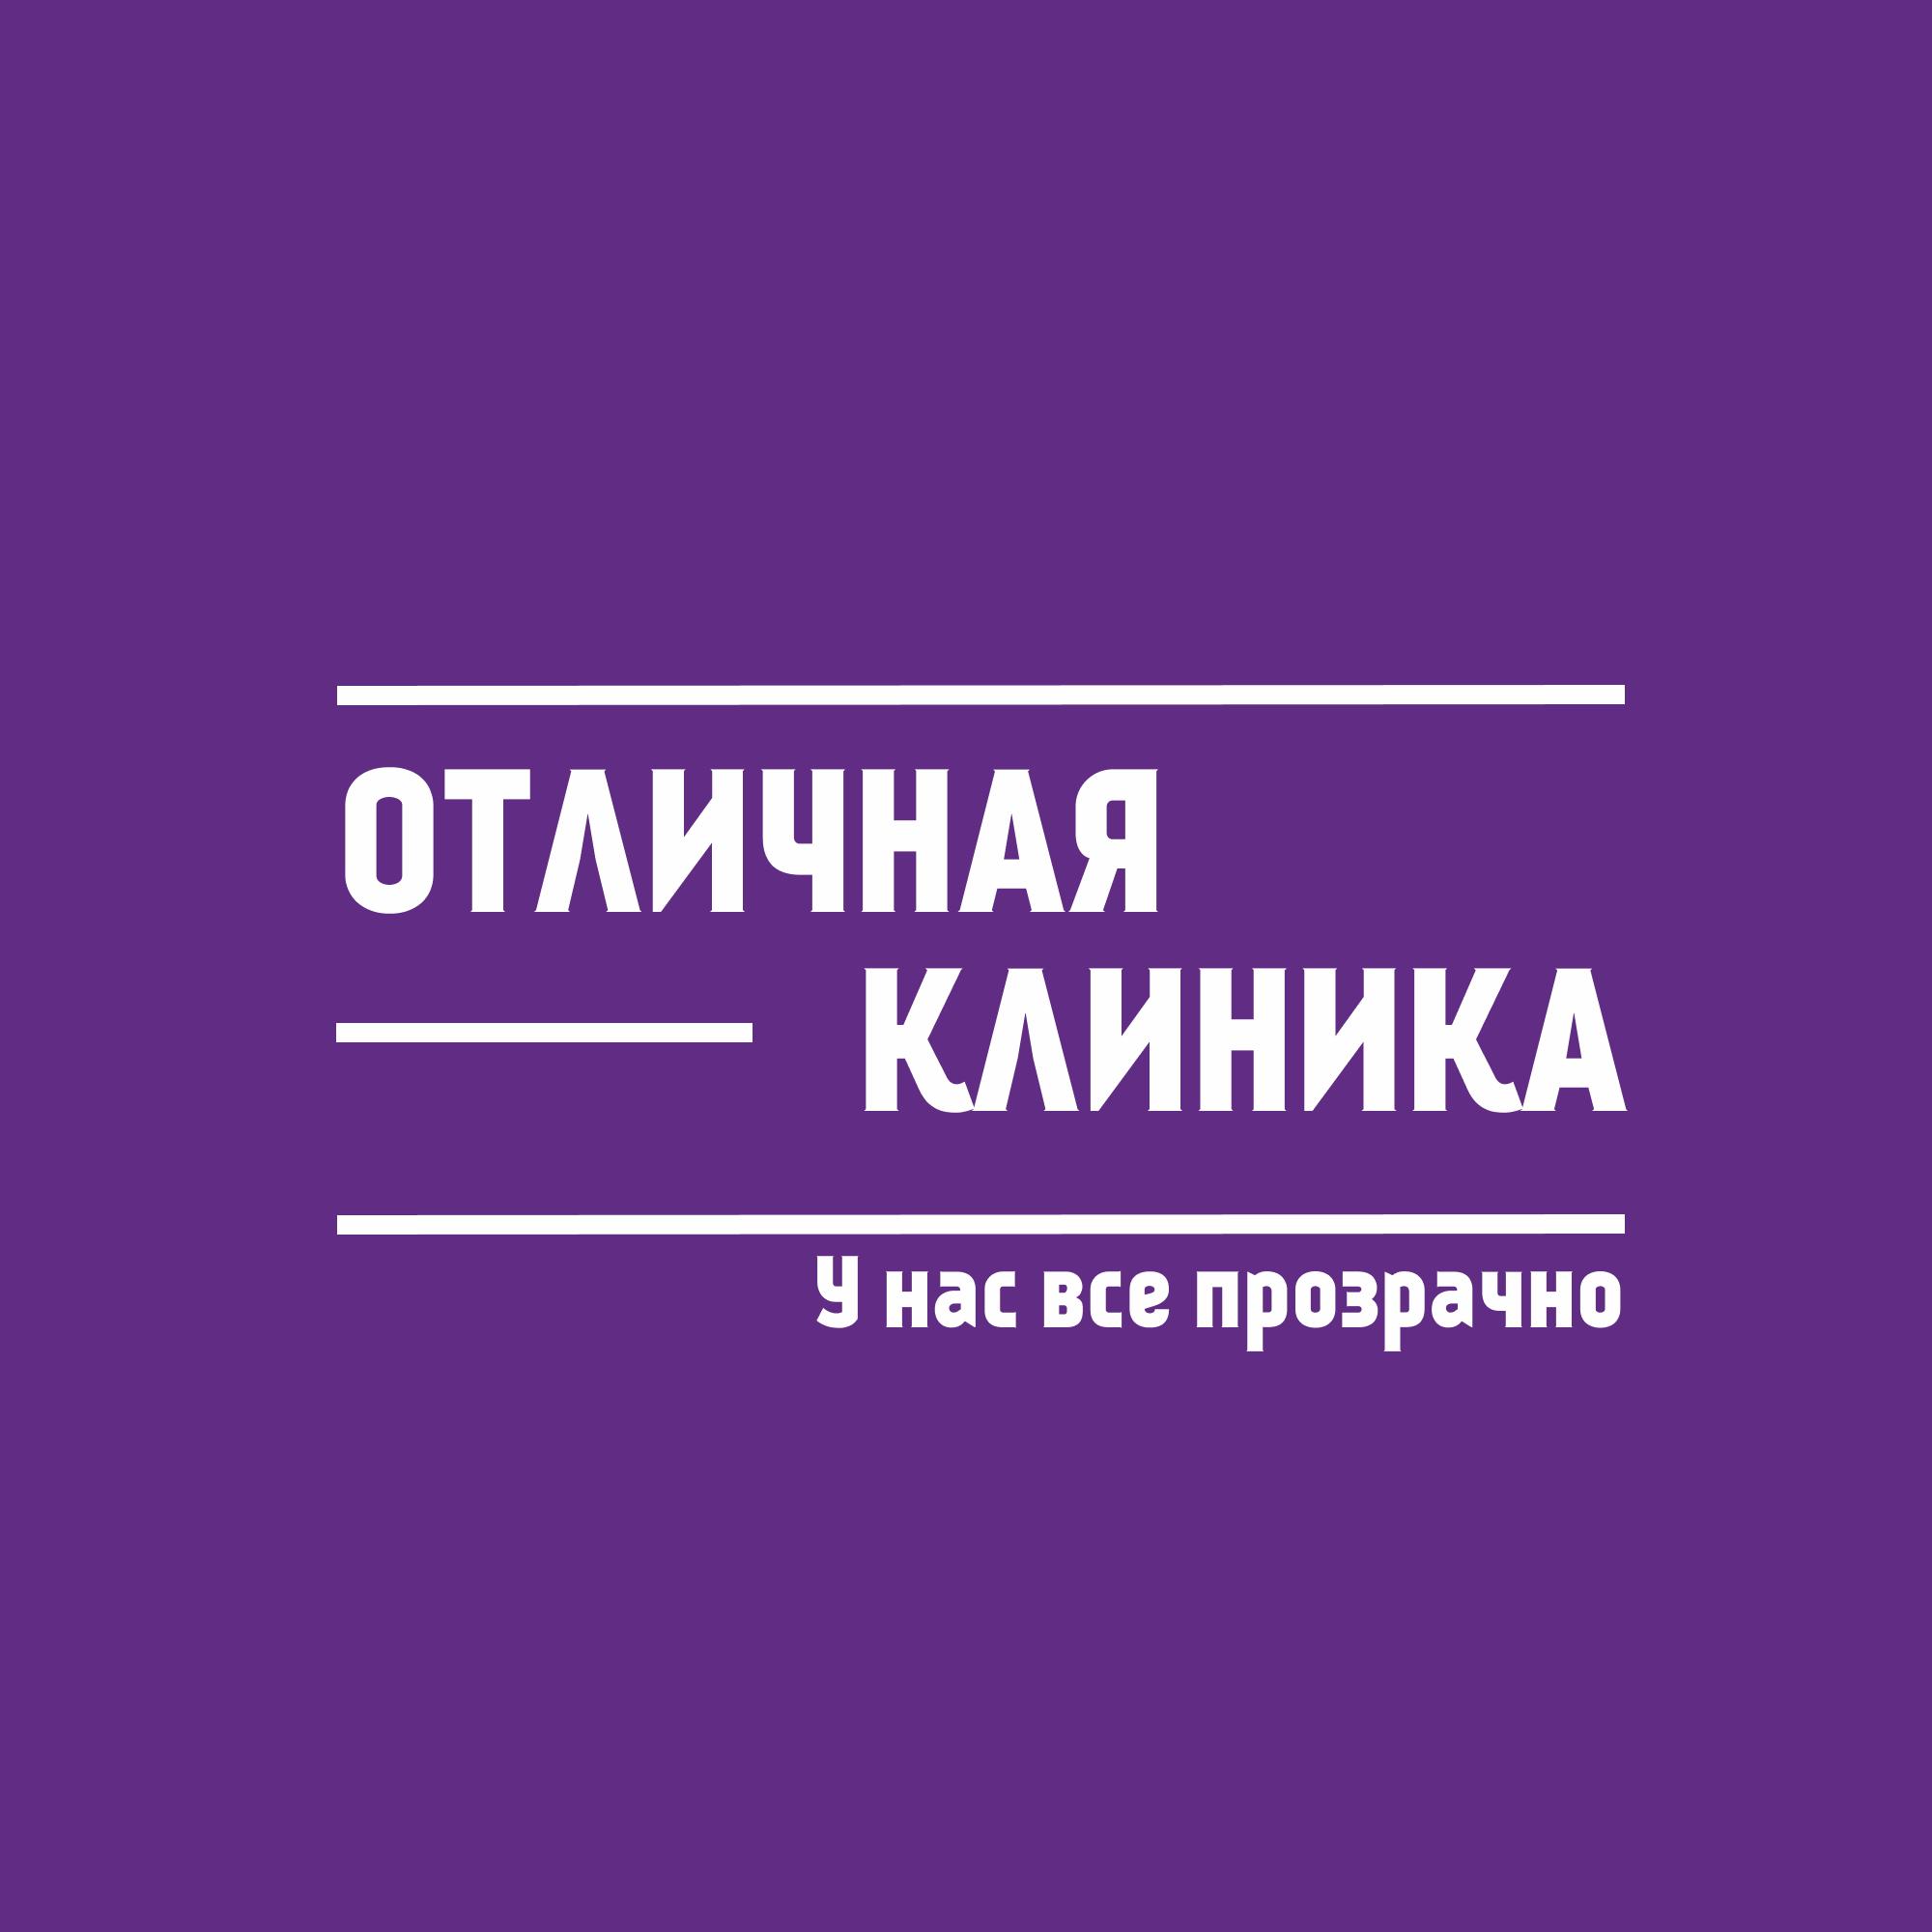 Логотип и фирменный стиль частной клиники фото f_0525c8fb357d77f3.png